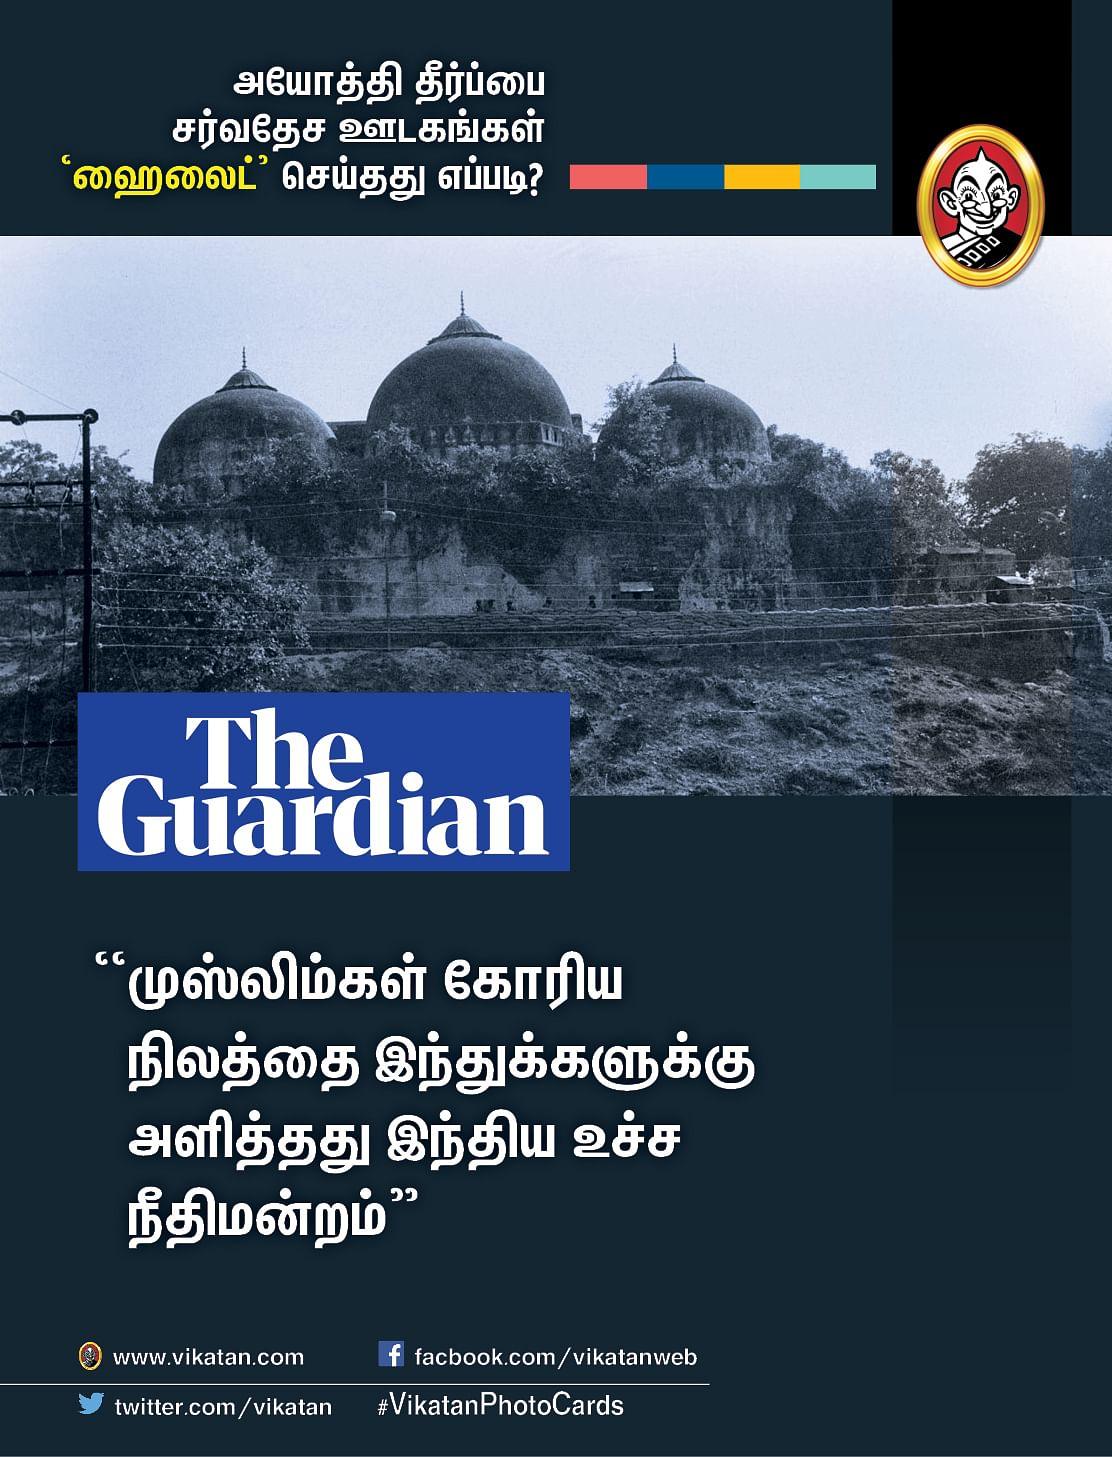 அயோத்தி தீர்ப்பைப் பற்றிய  சர்வதேச ஊடகங்கள்